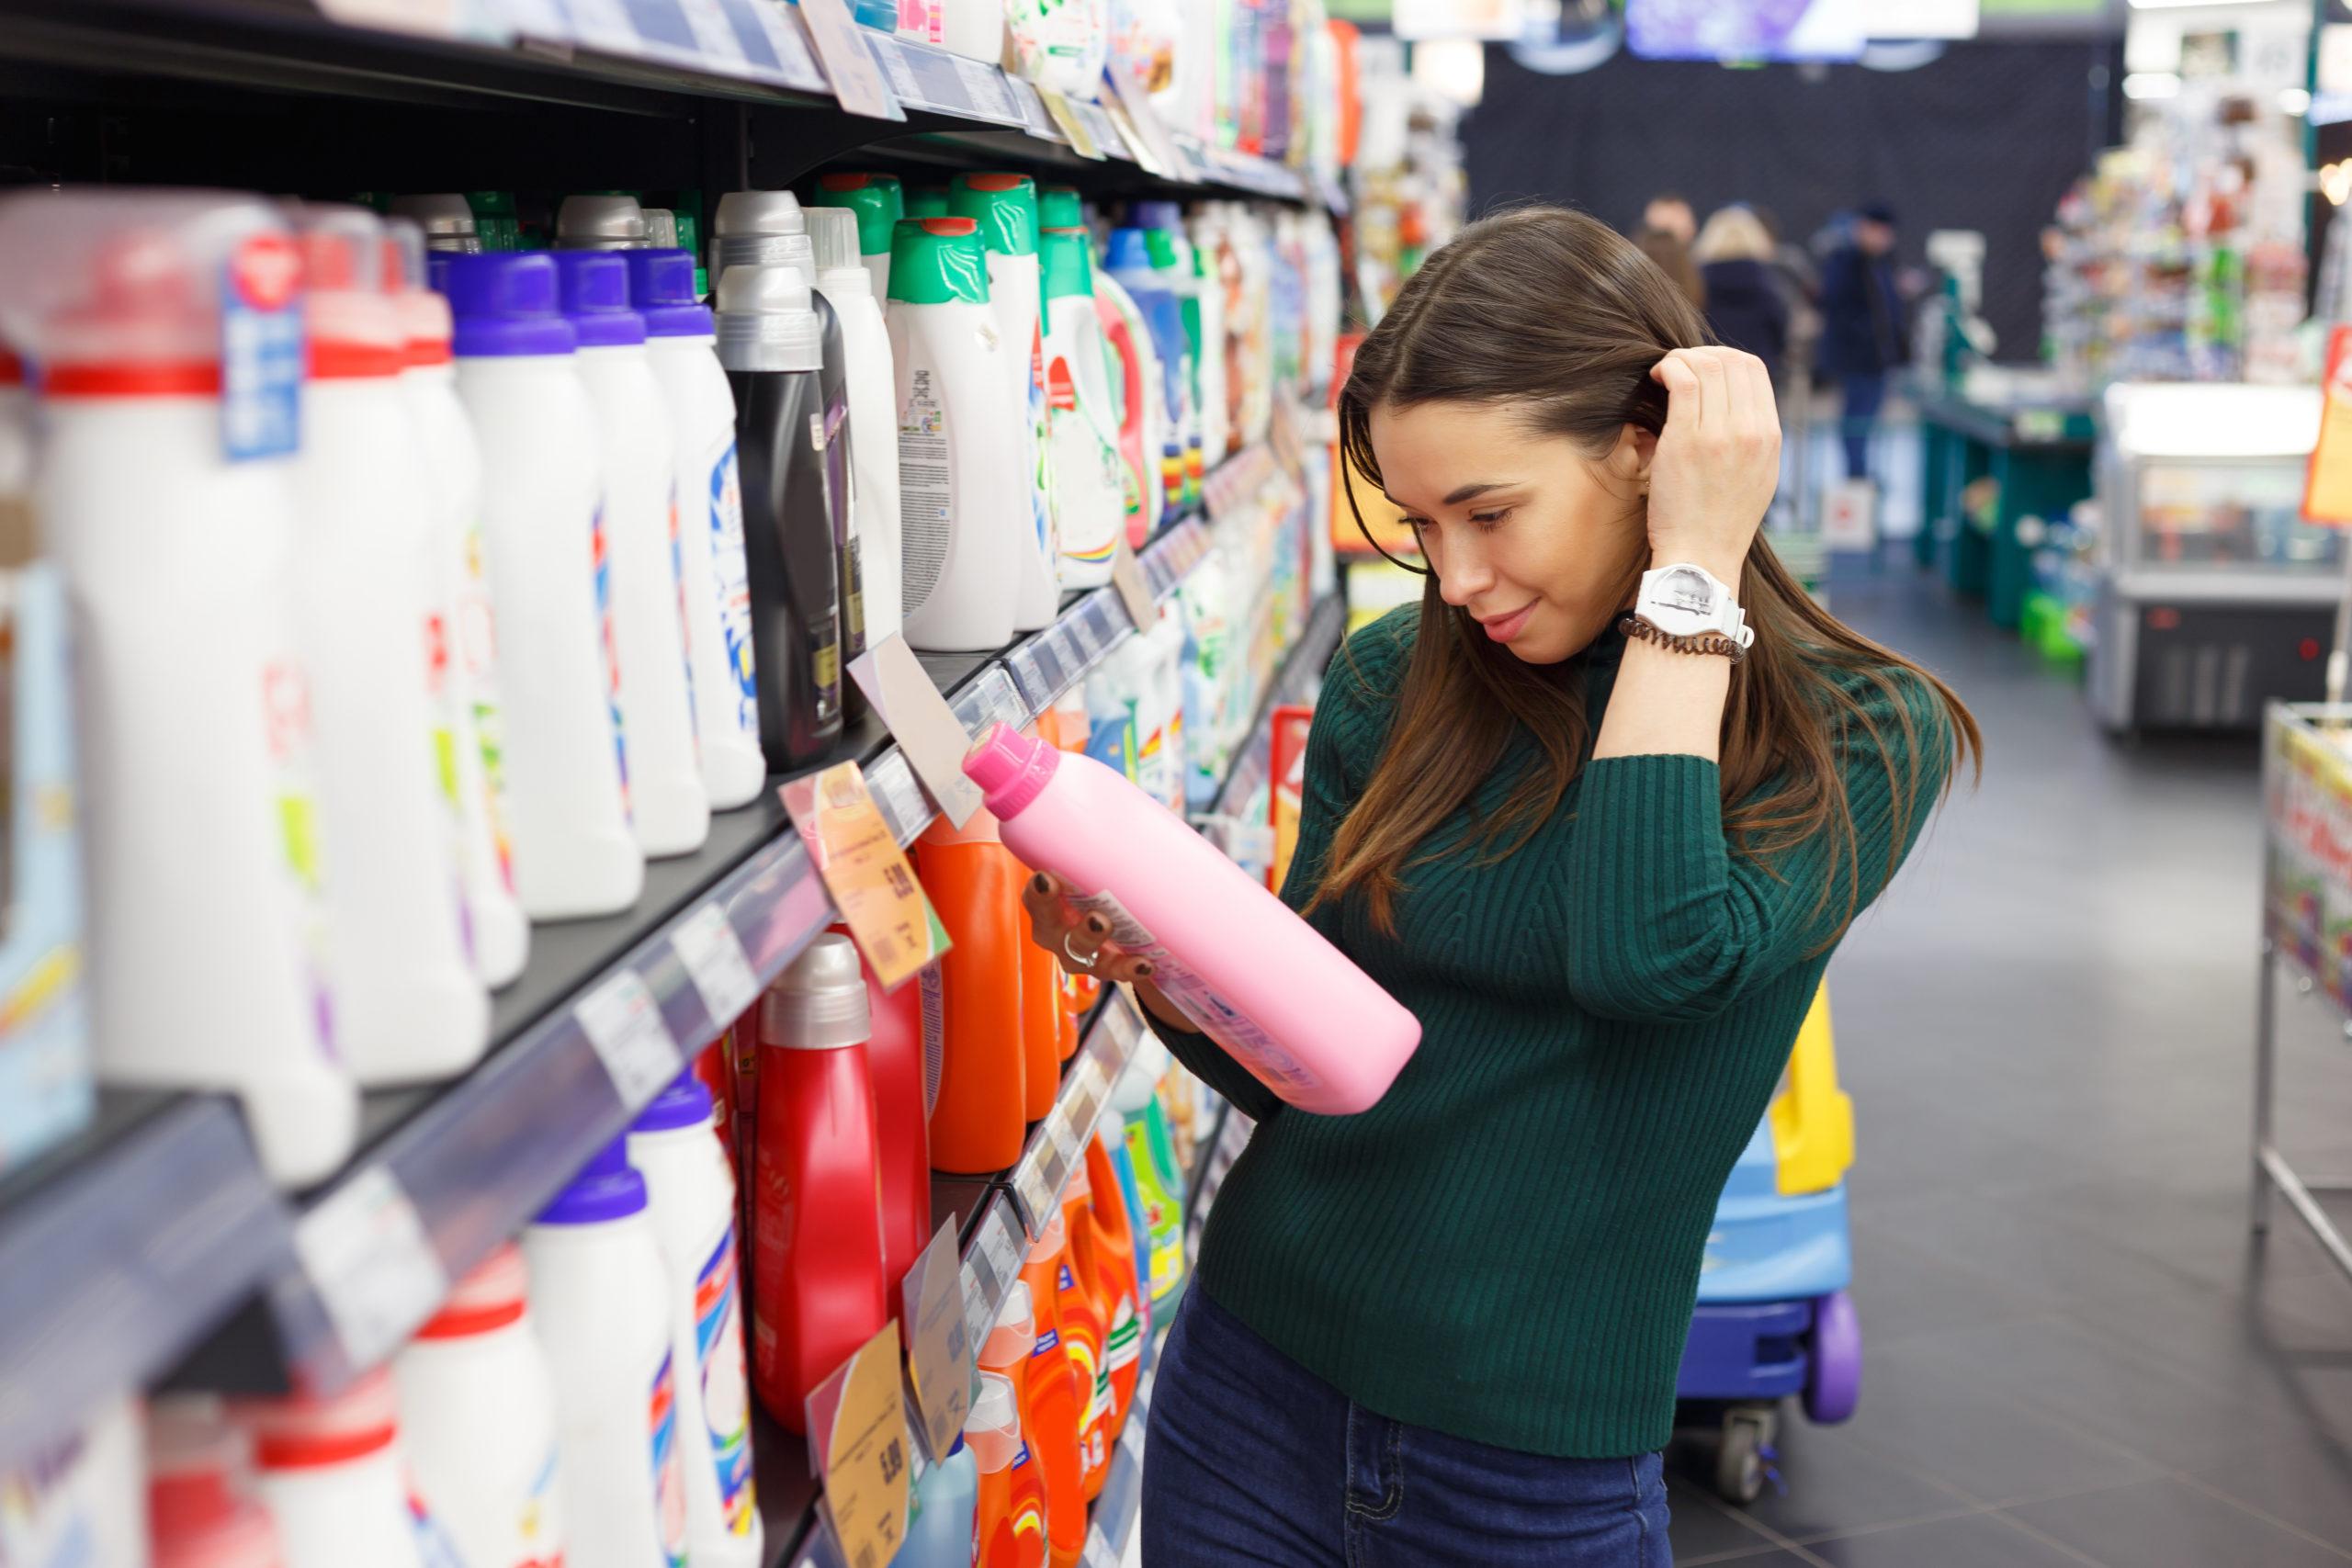 Die Verwendung von Waschmittel Alternativen schont die Umwelt.